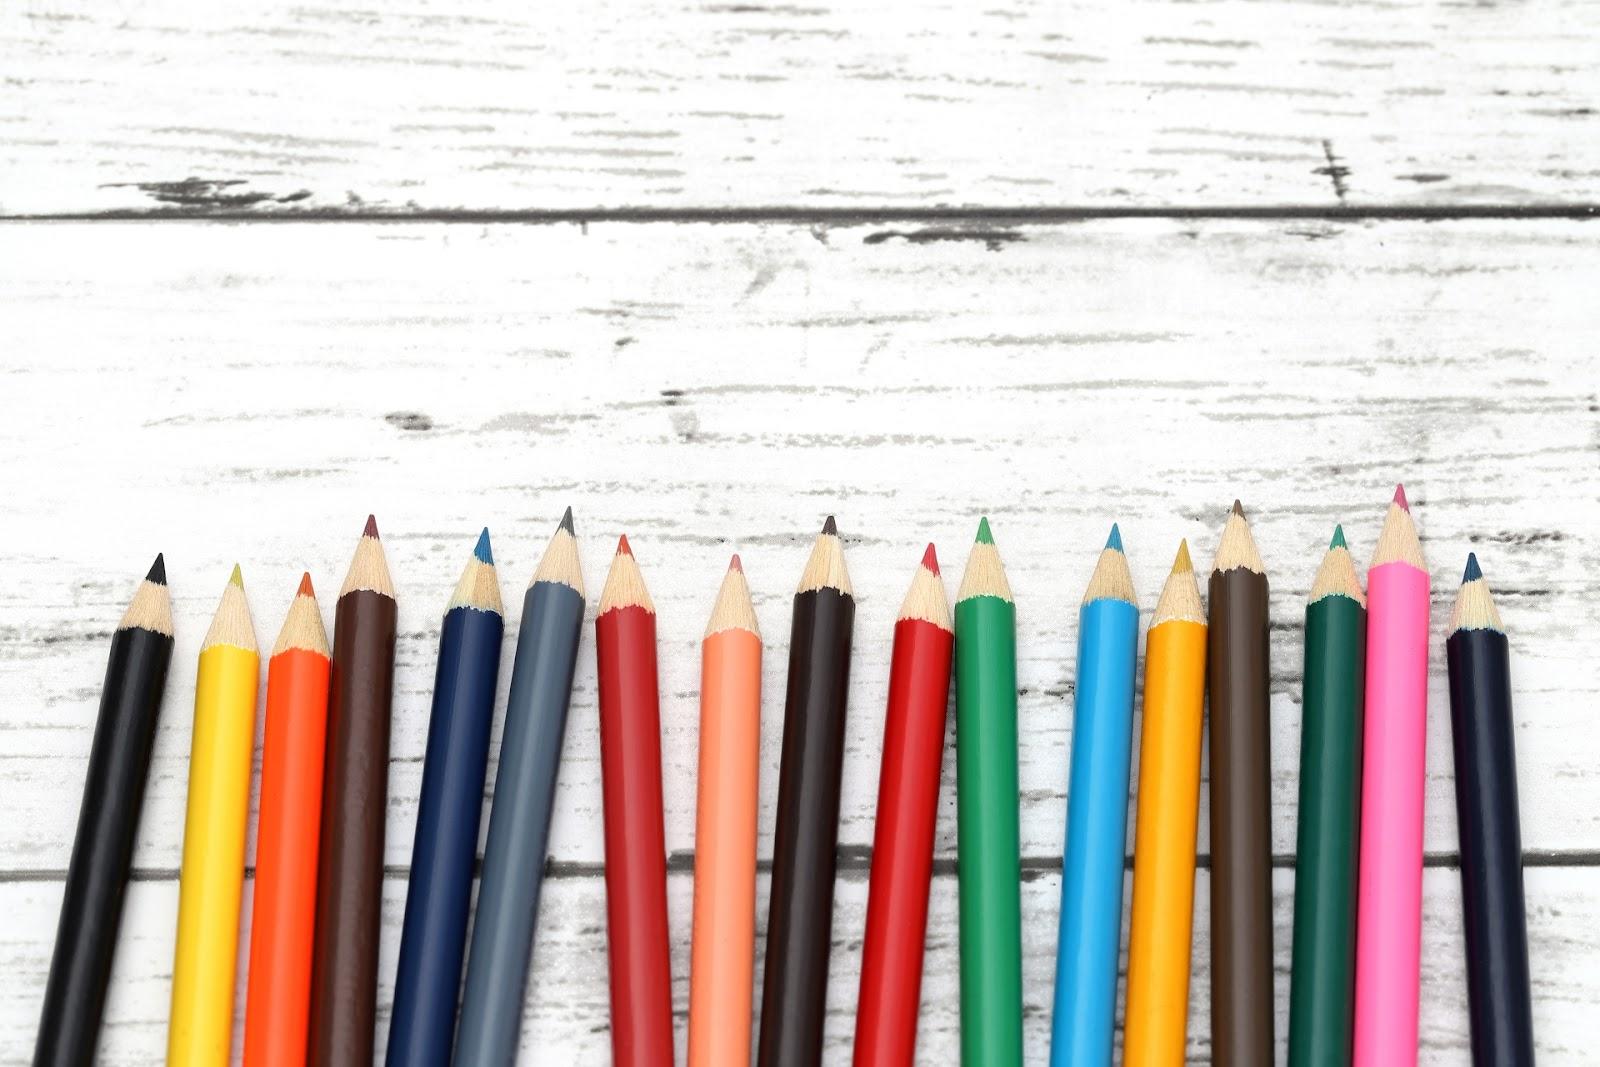 並べられた色鉛筆